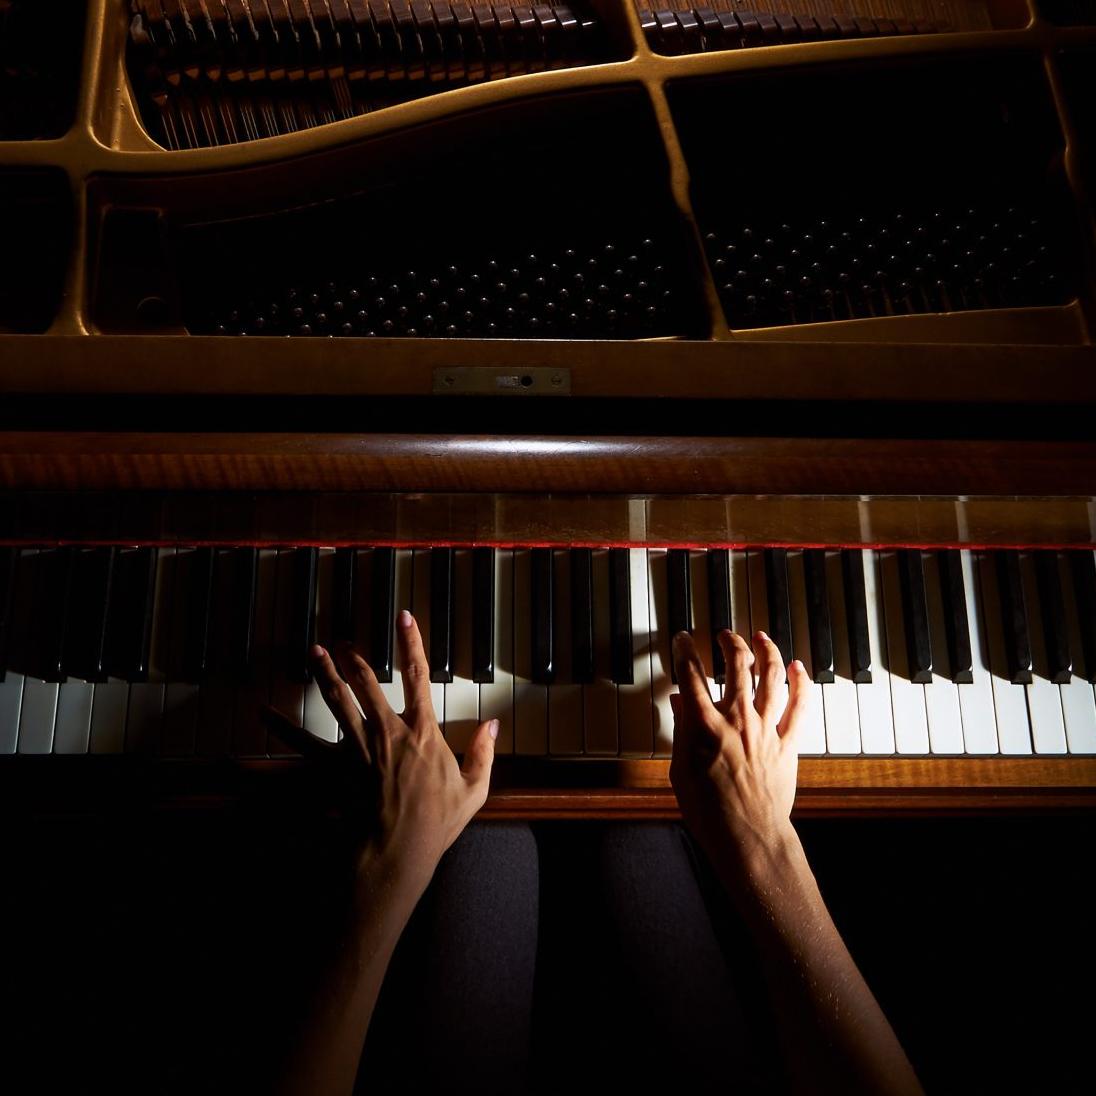 Вечер фортепианной музыки «Рояль— душа ивдохновенье!» со скидкой 43%